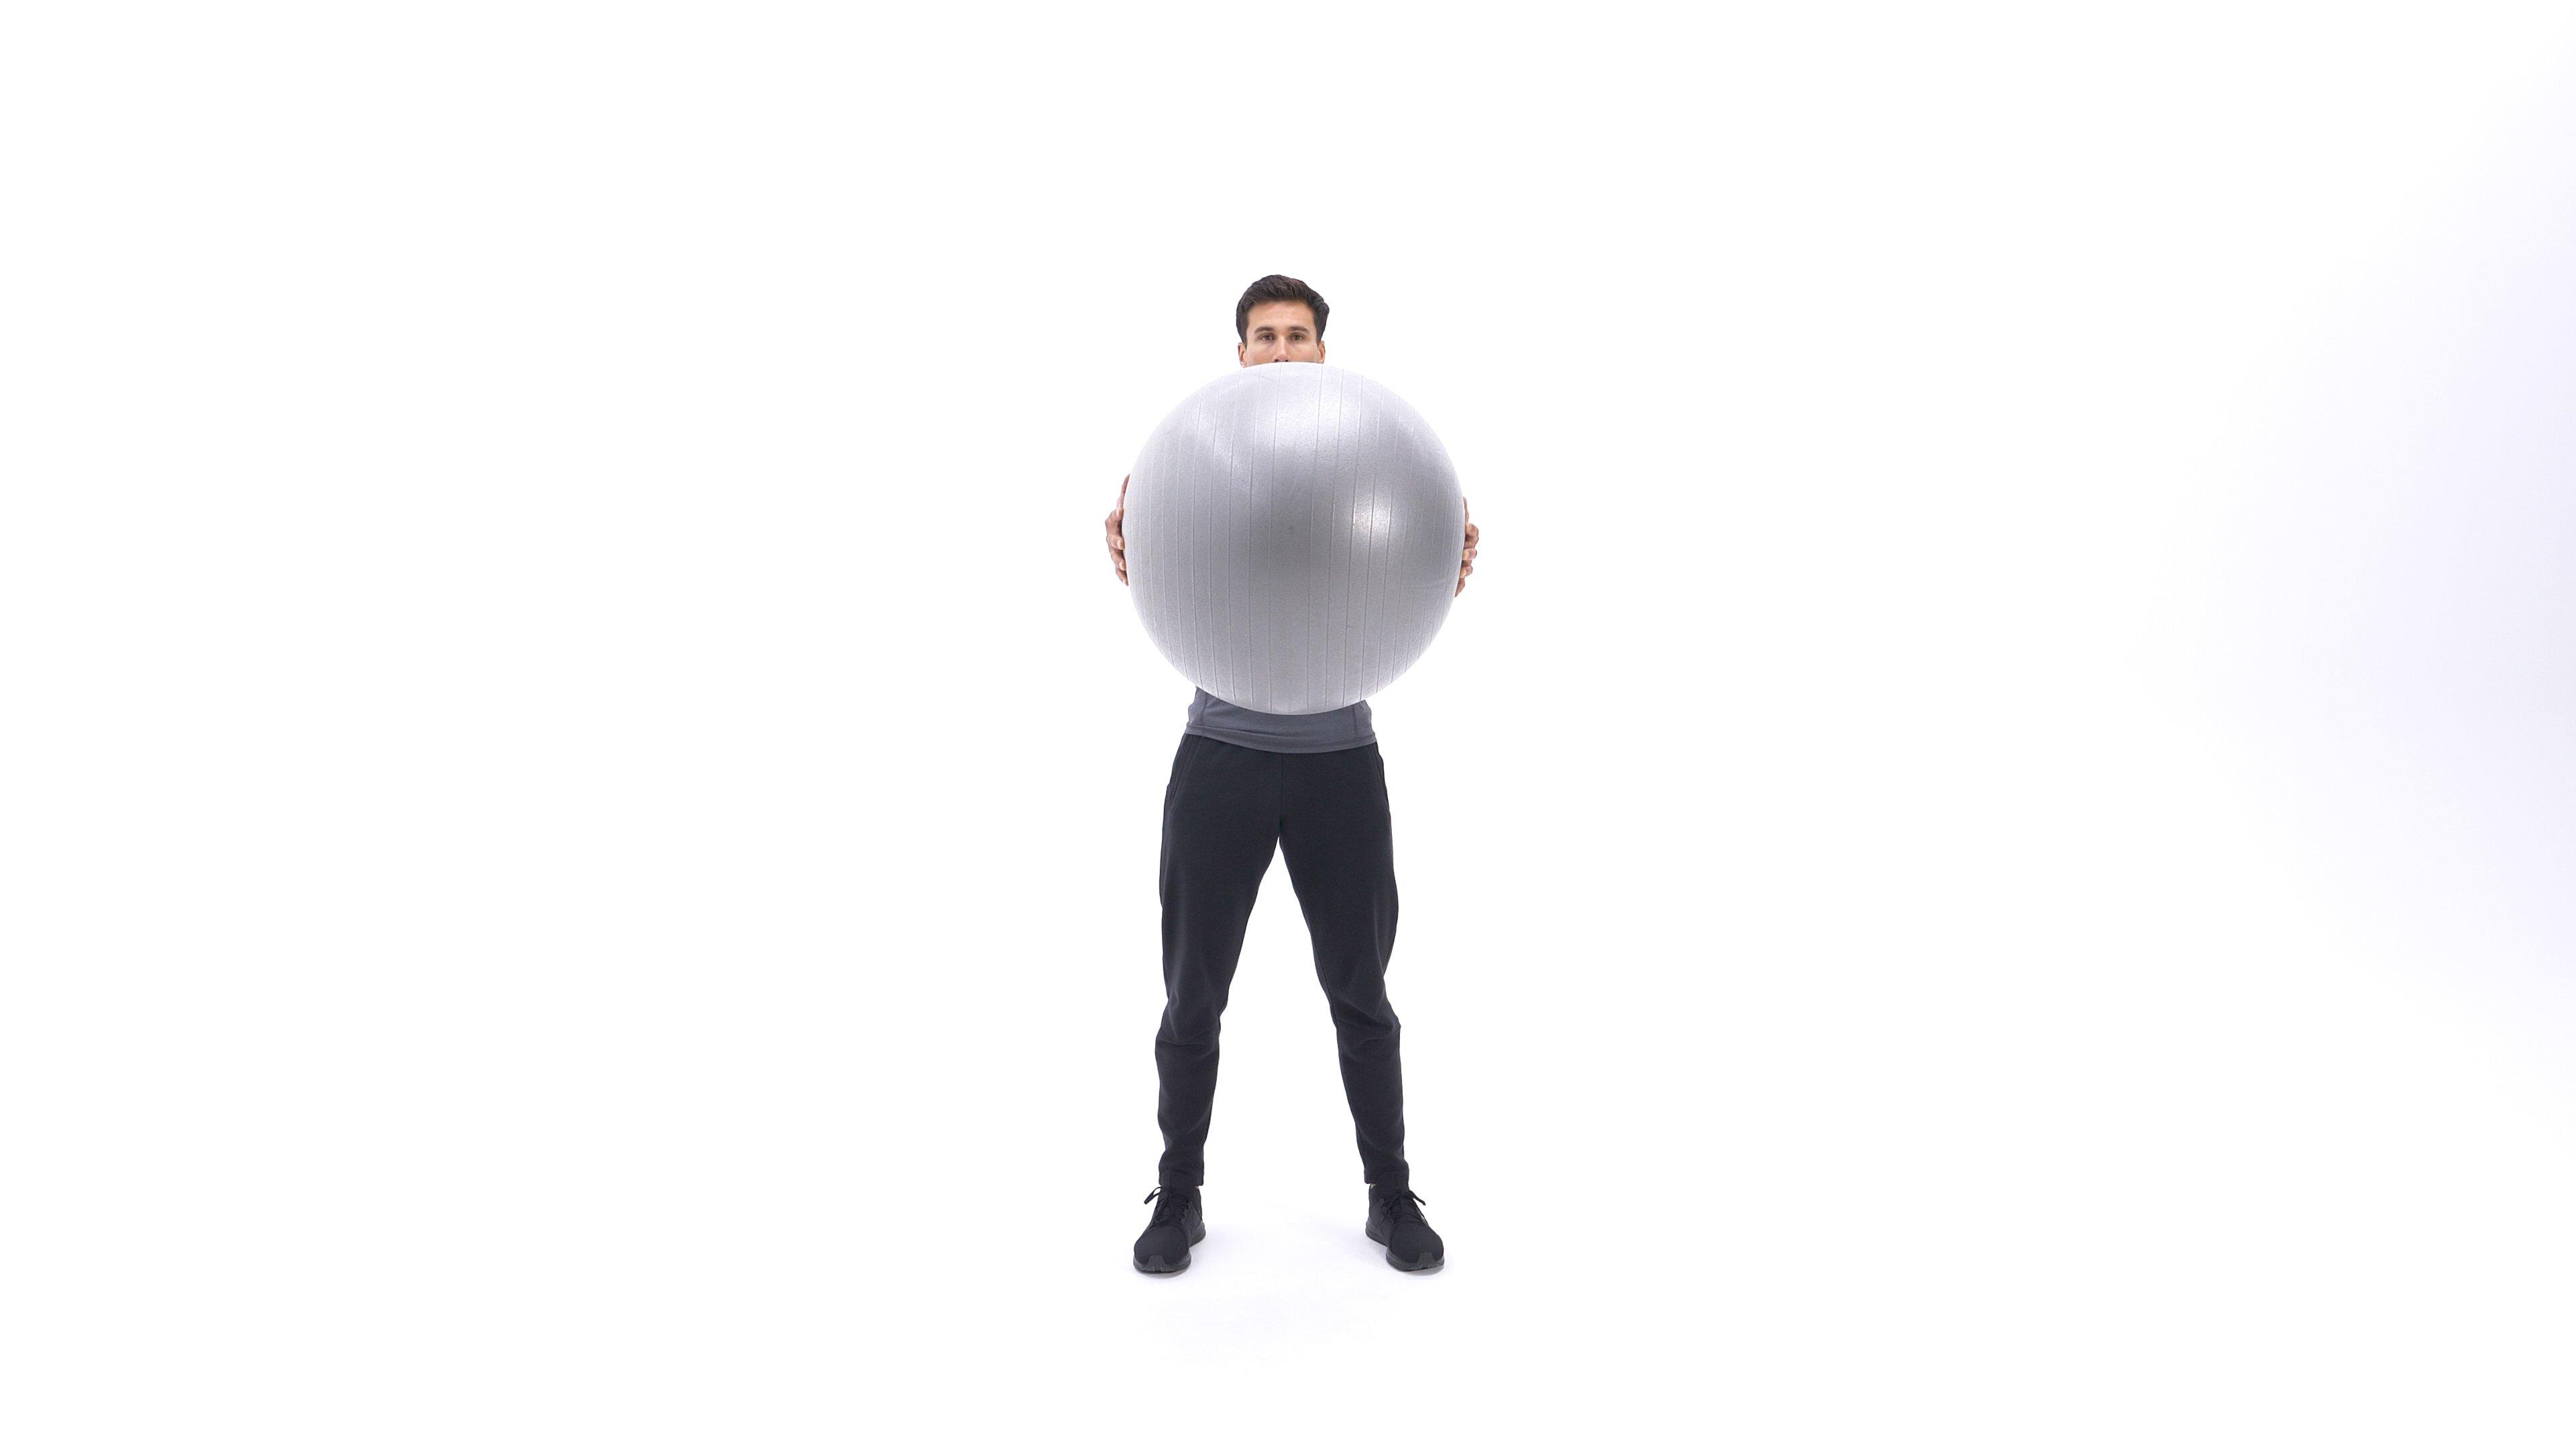 Exercise ball torso rotation image